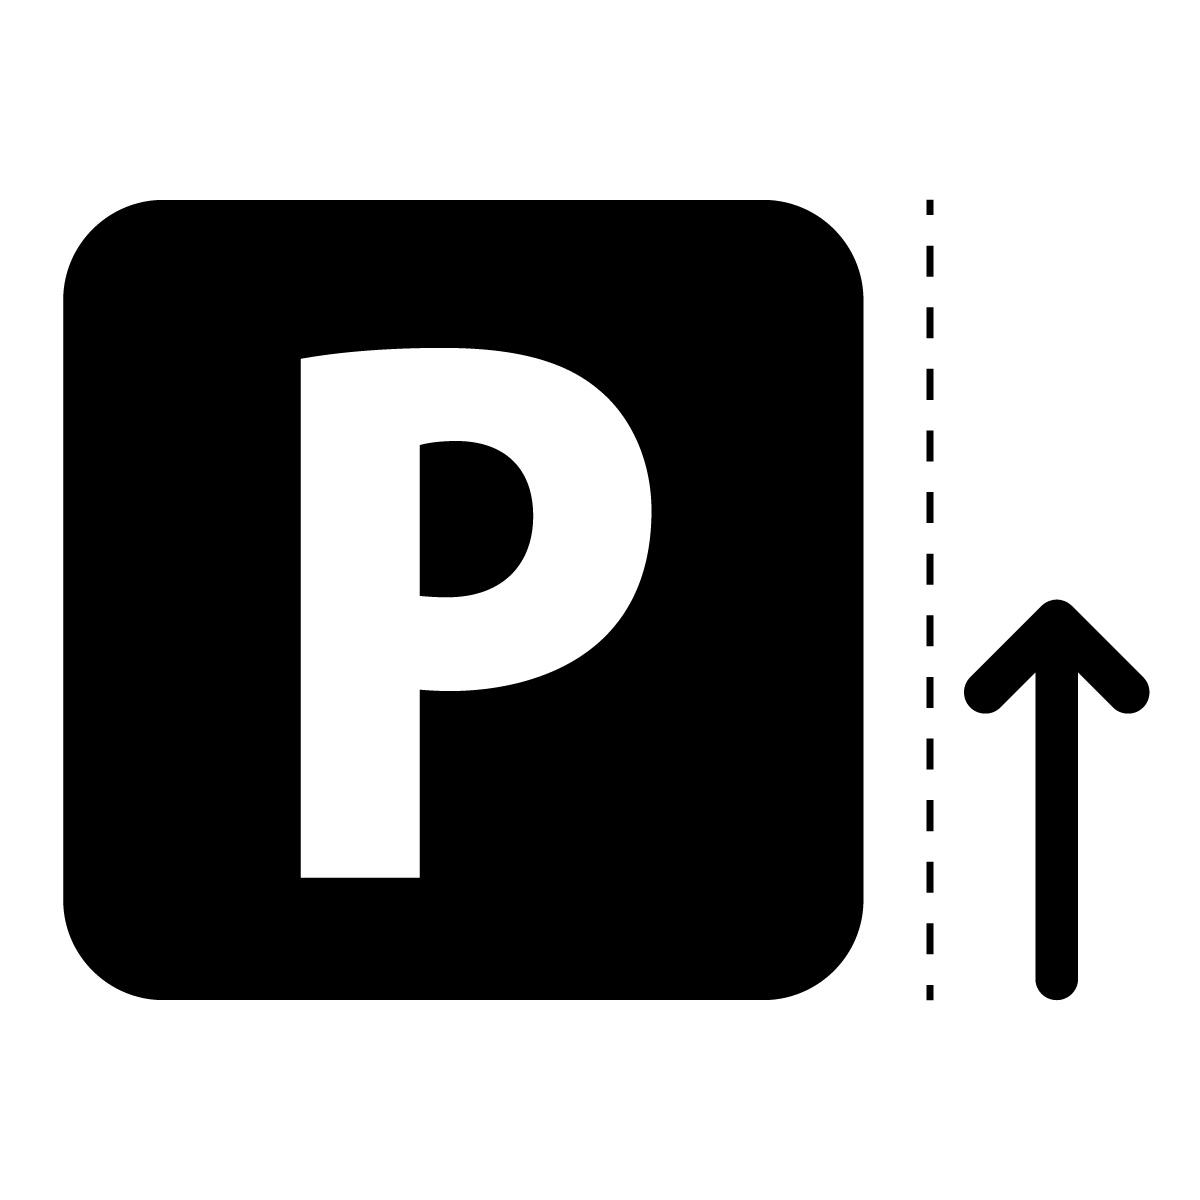 黒色のパーキング・駐車場案内マークのカッティングステッカー・シール